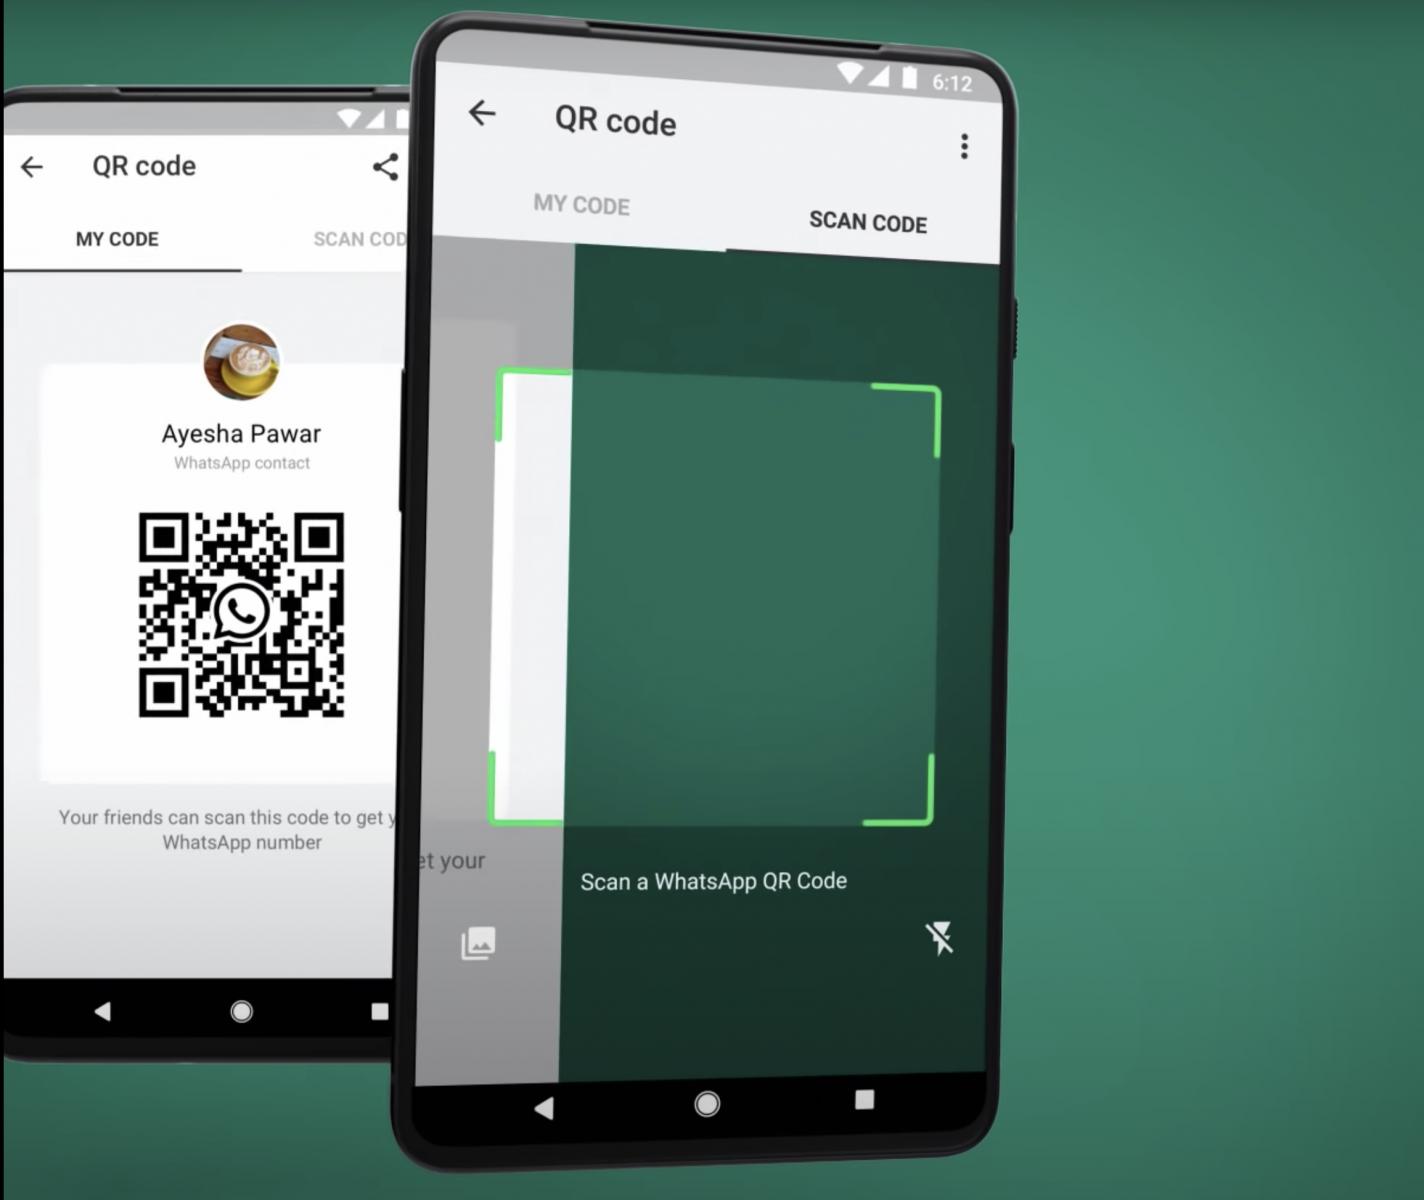 盤點WhatsApp五大新功能 「傳情」玩盡幾動態圖 QR Code加友超方便